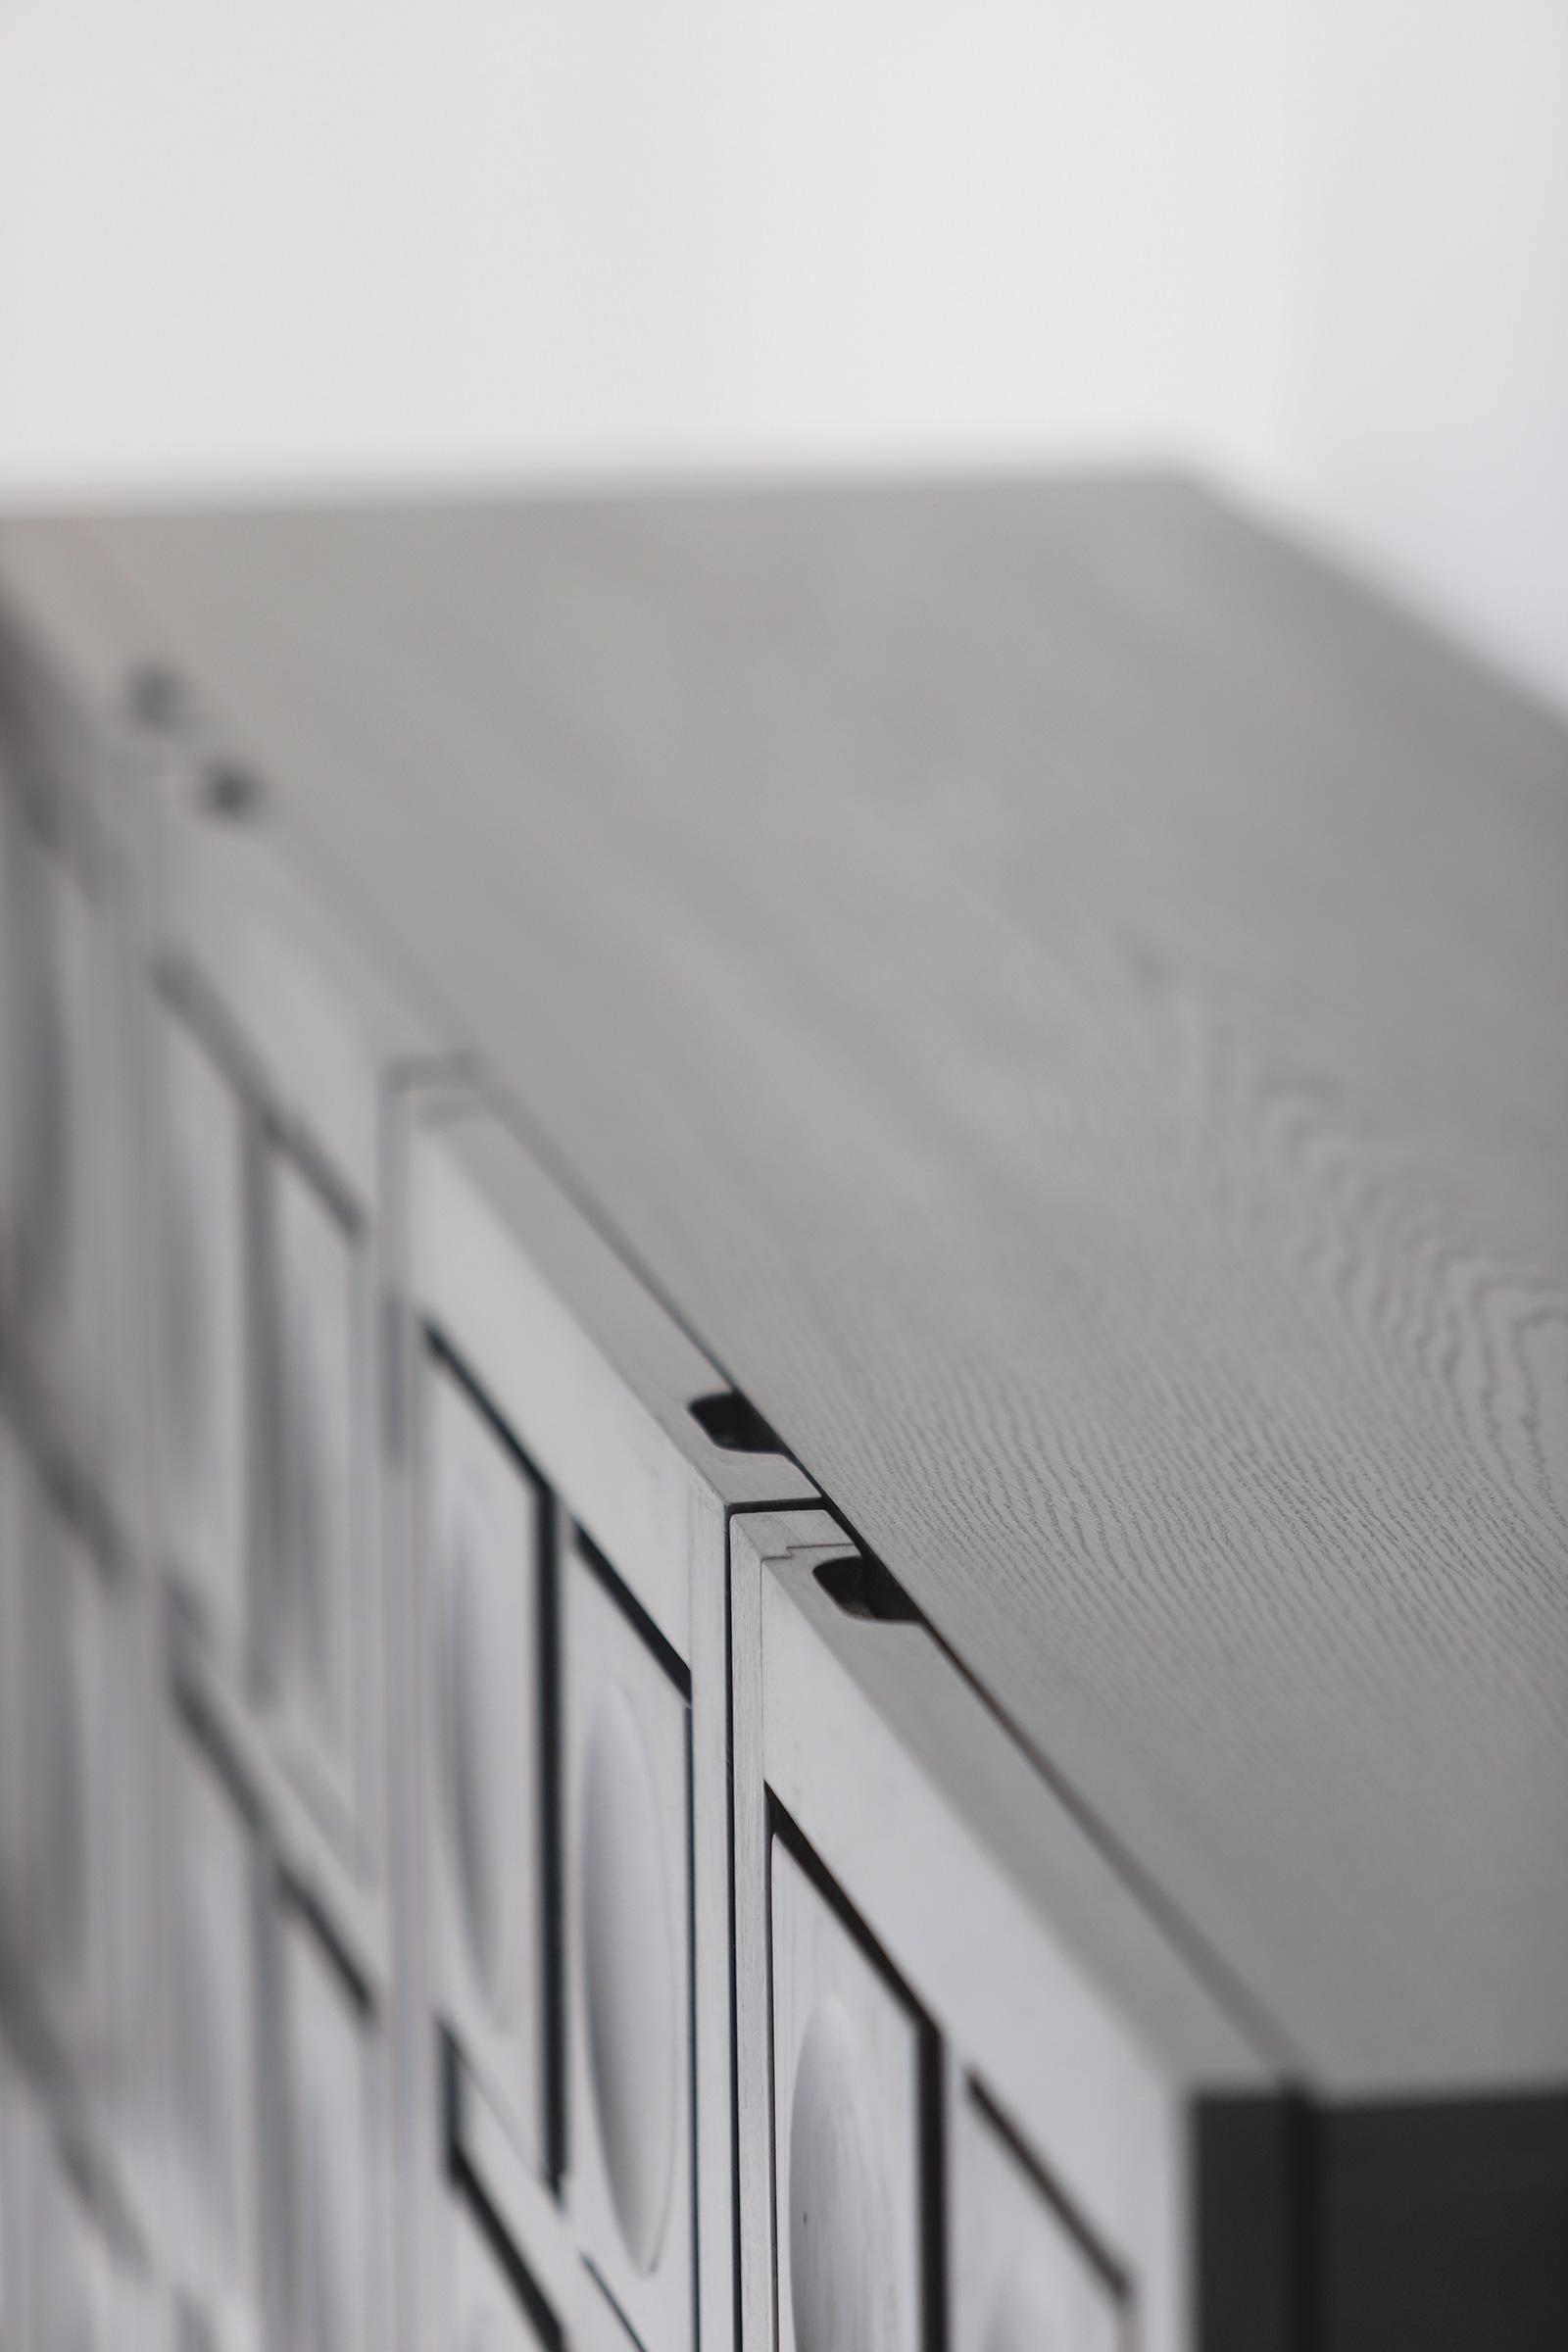 Defour 4 door graphic doors Sideboardimage 8